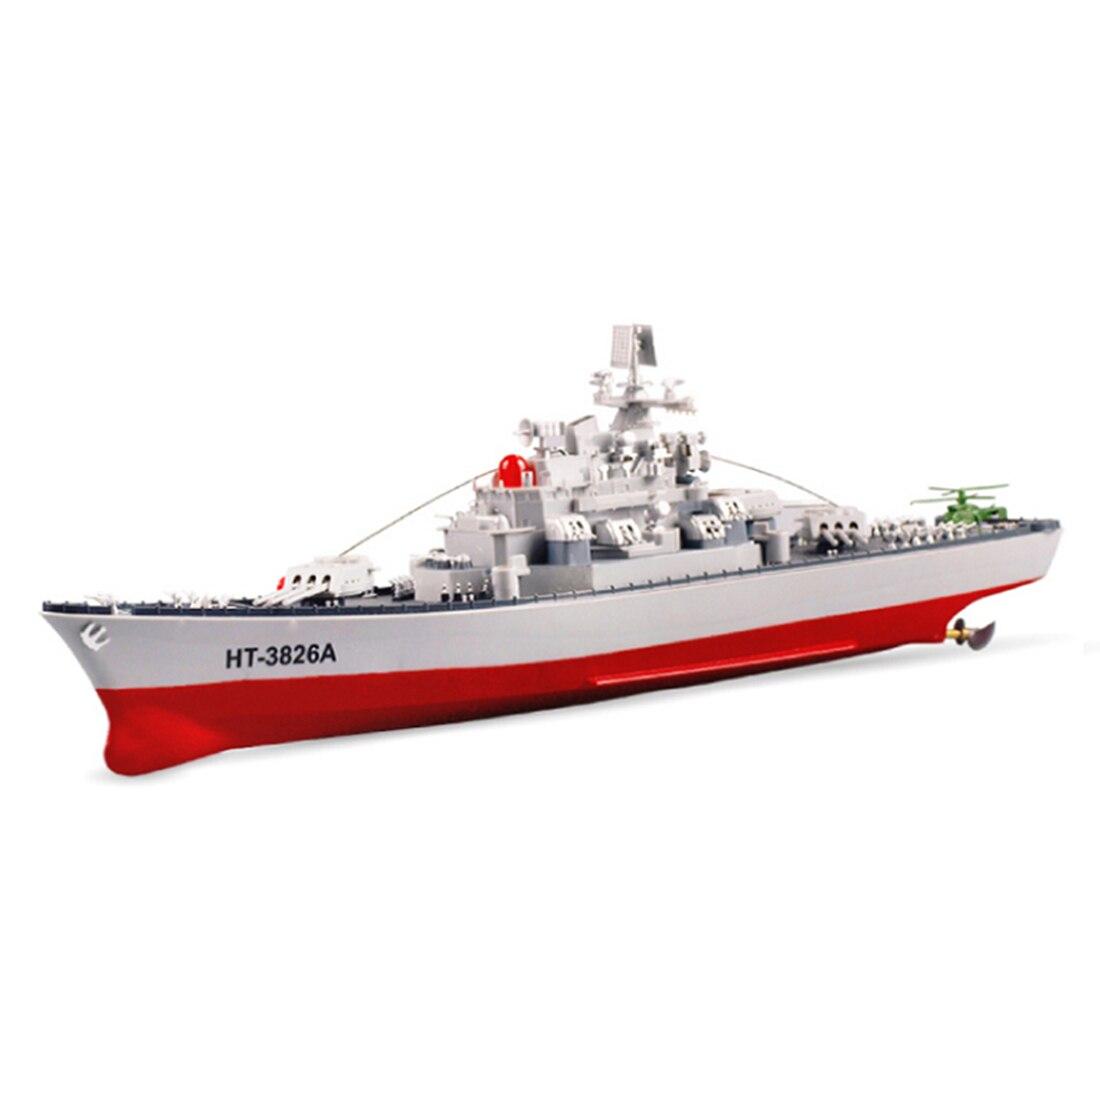 Bateau RC 6 KM/H haute vitesse 58 cm 1:250 cuirassé militaire RC bateau de guerre jouet bateau télécommandé comme cadeau pour enfants jouet Kid-US Plug